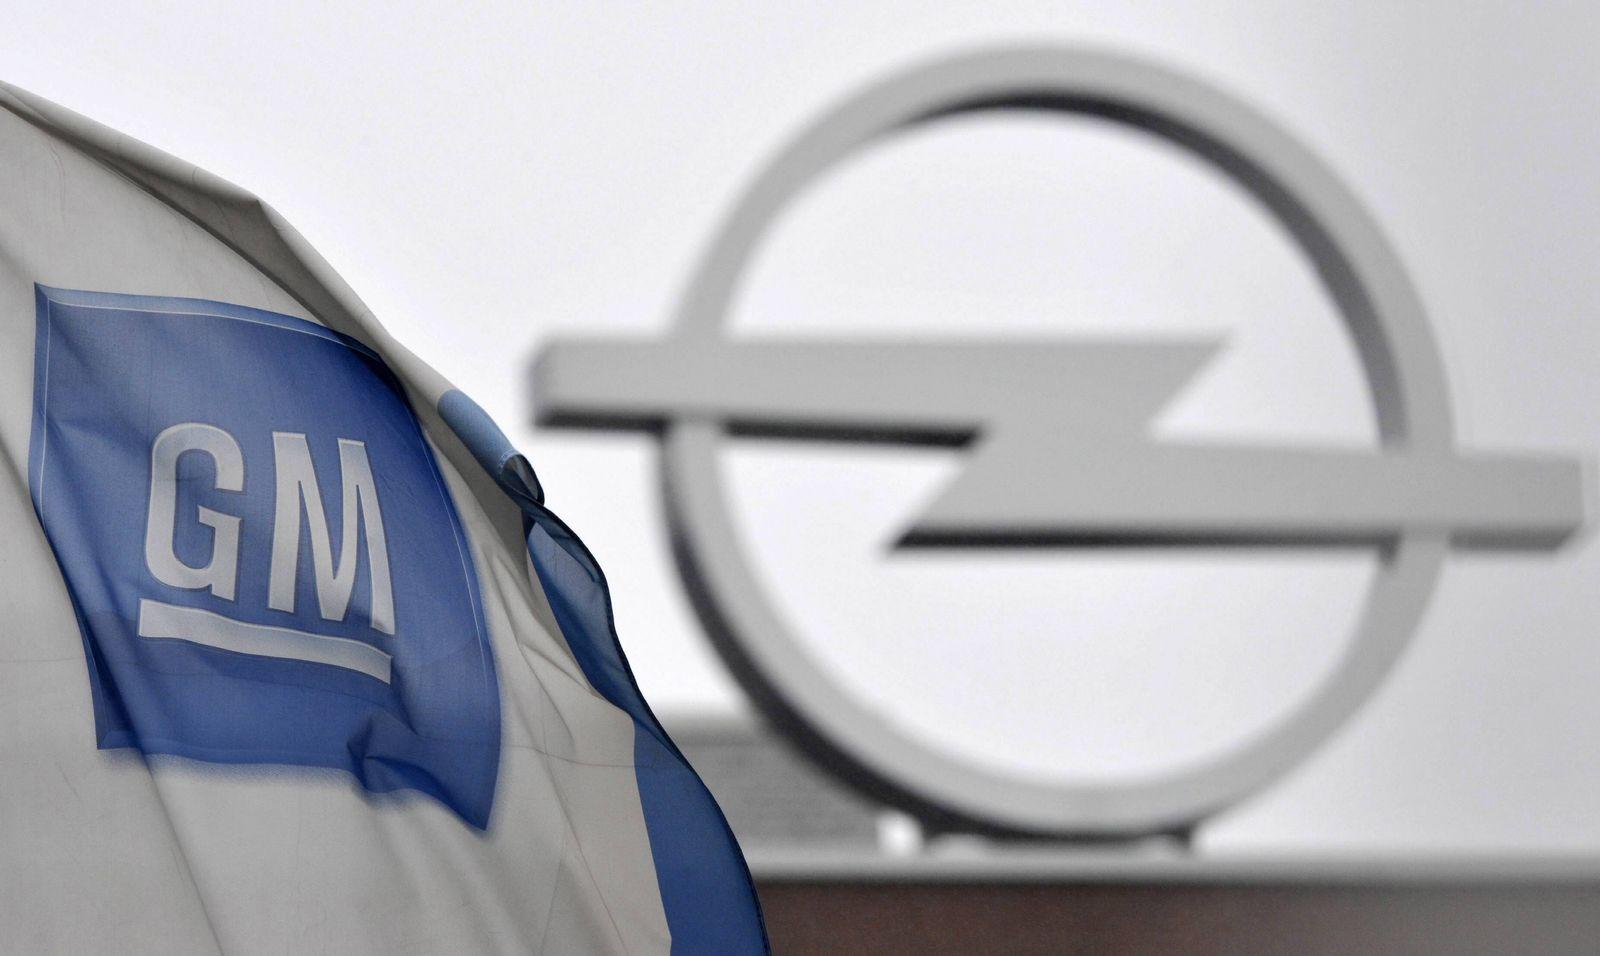 NICHT VERWENDEN Opel Magna